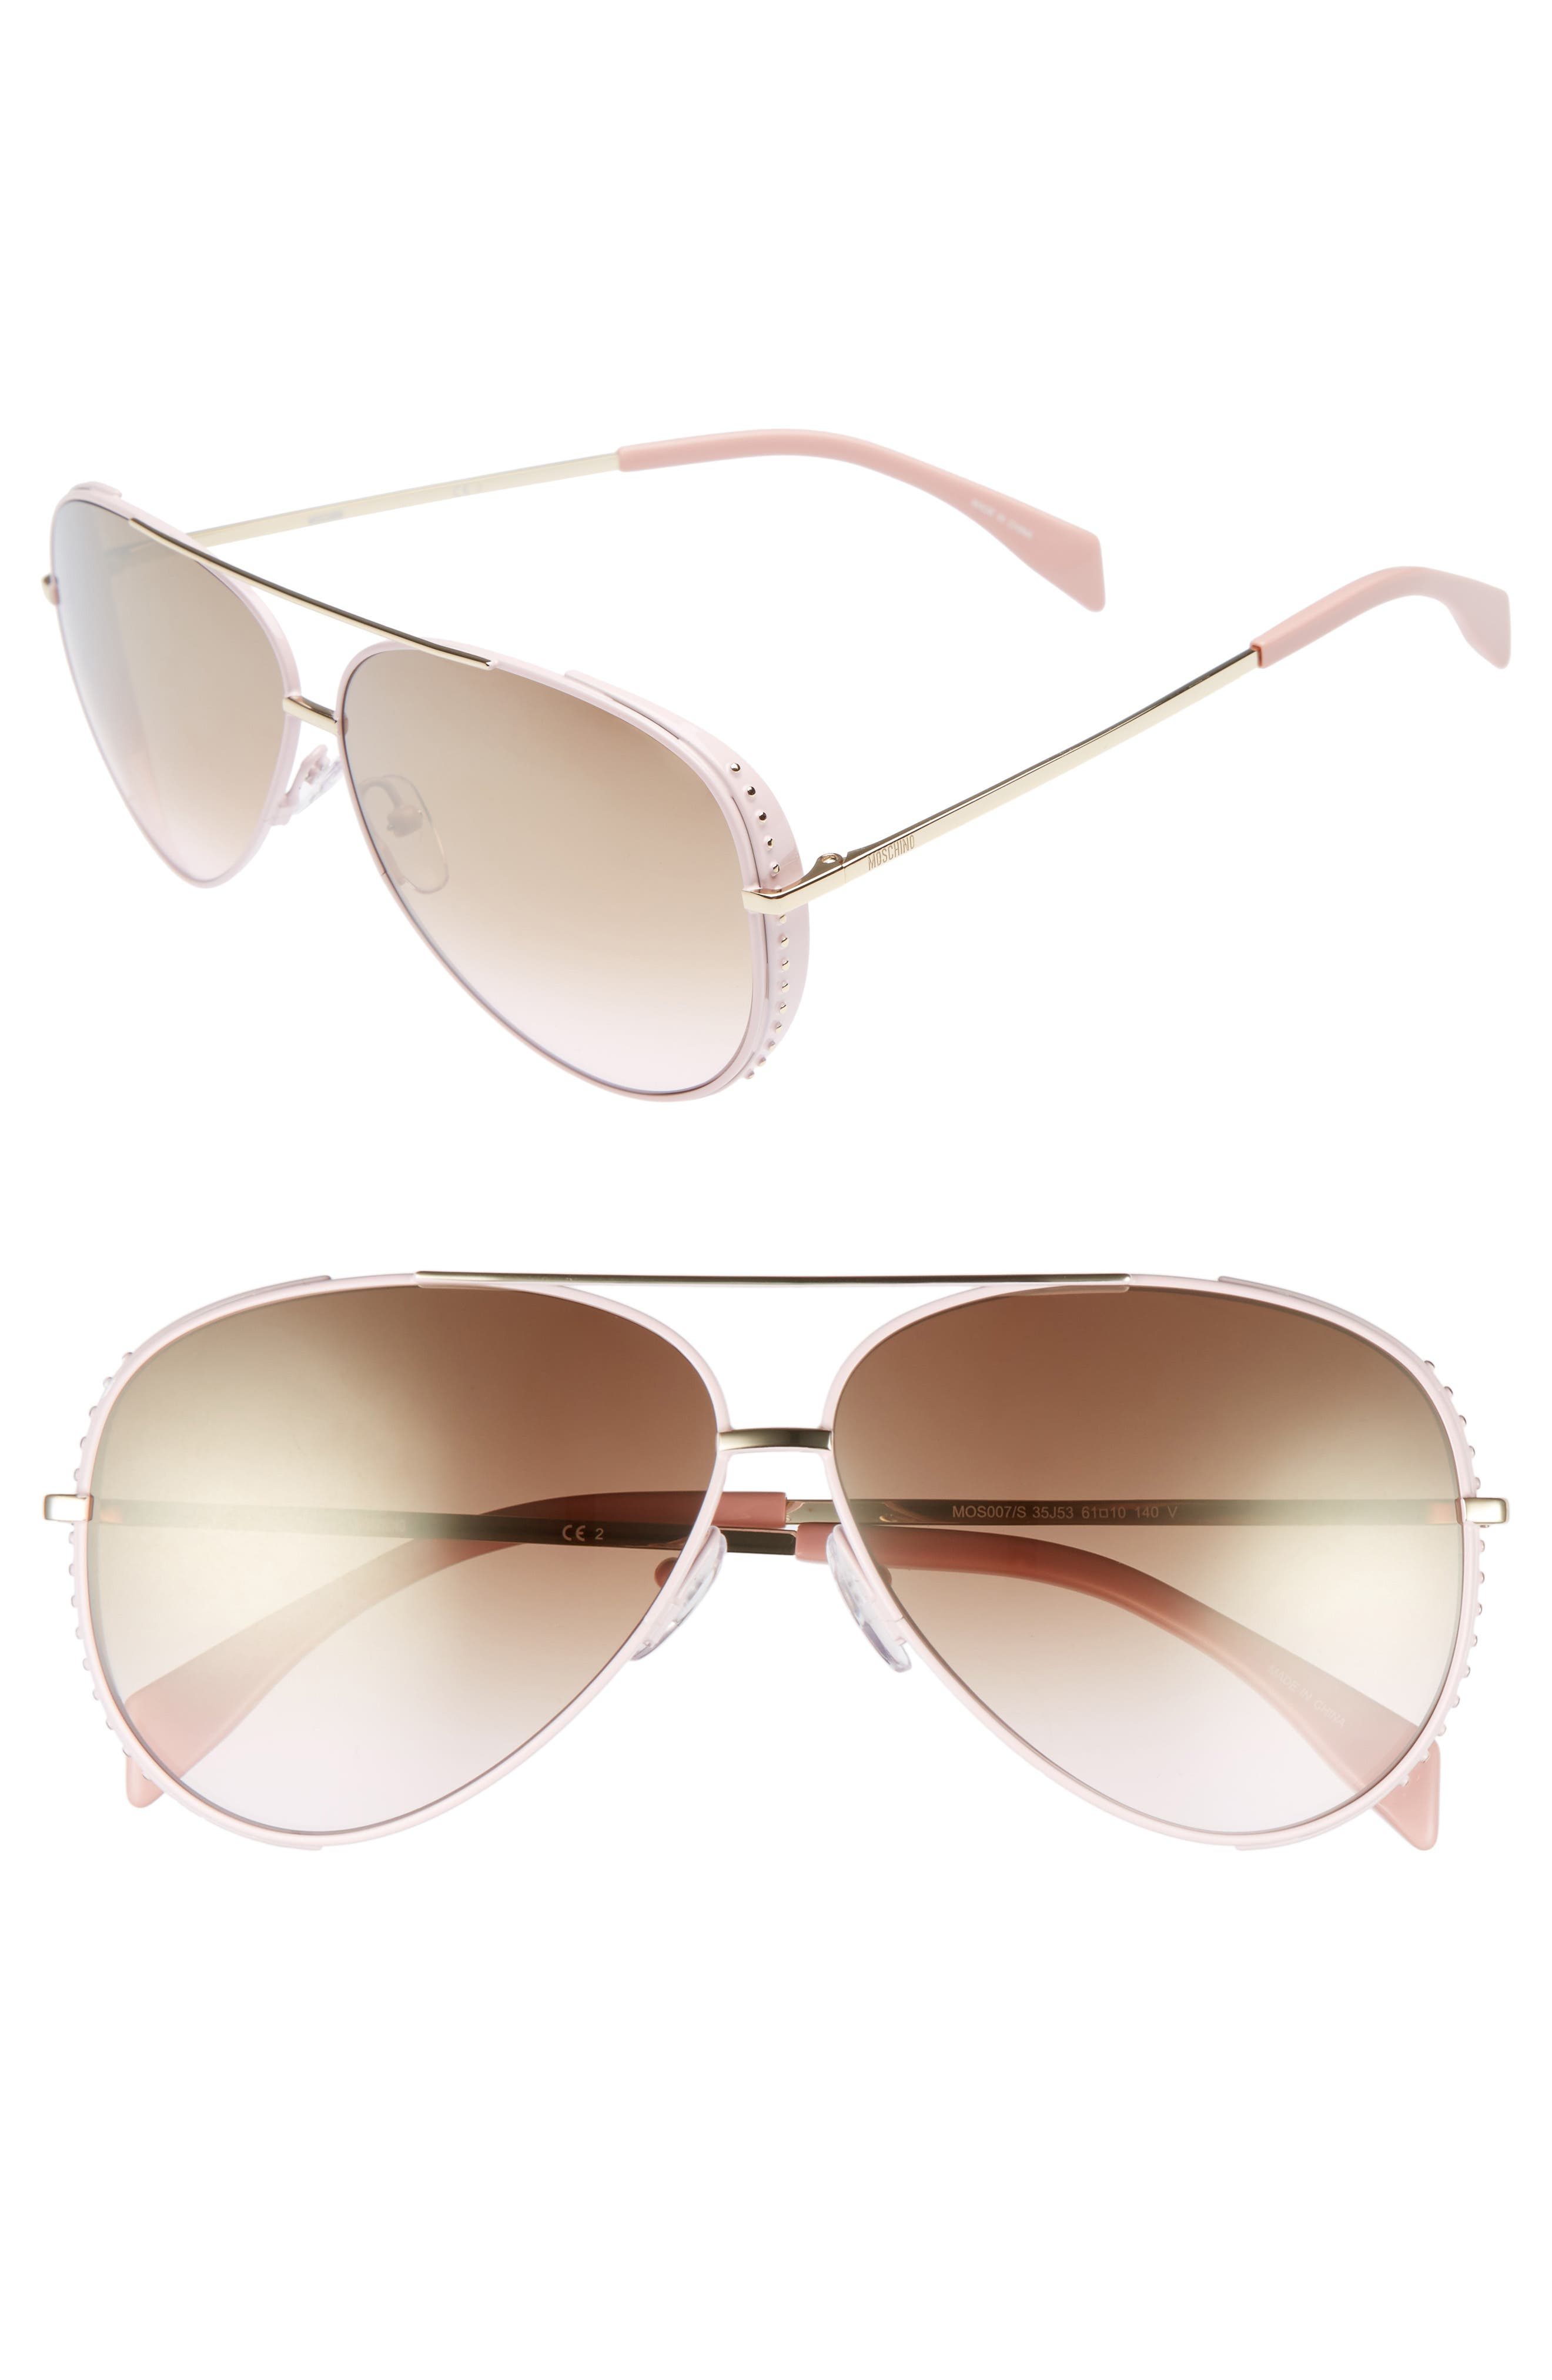 61mm Metal Aviator Sunglasses,                             Main thumbnail 1, color,                             Pink